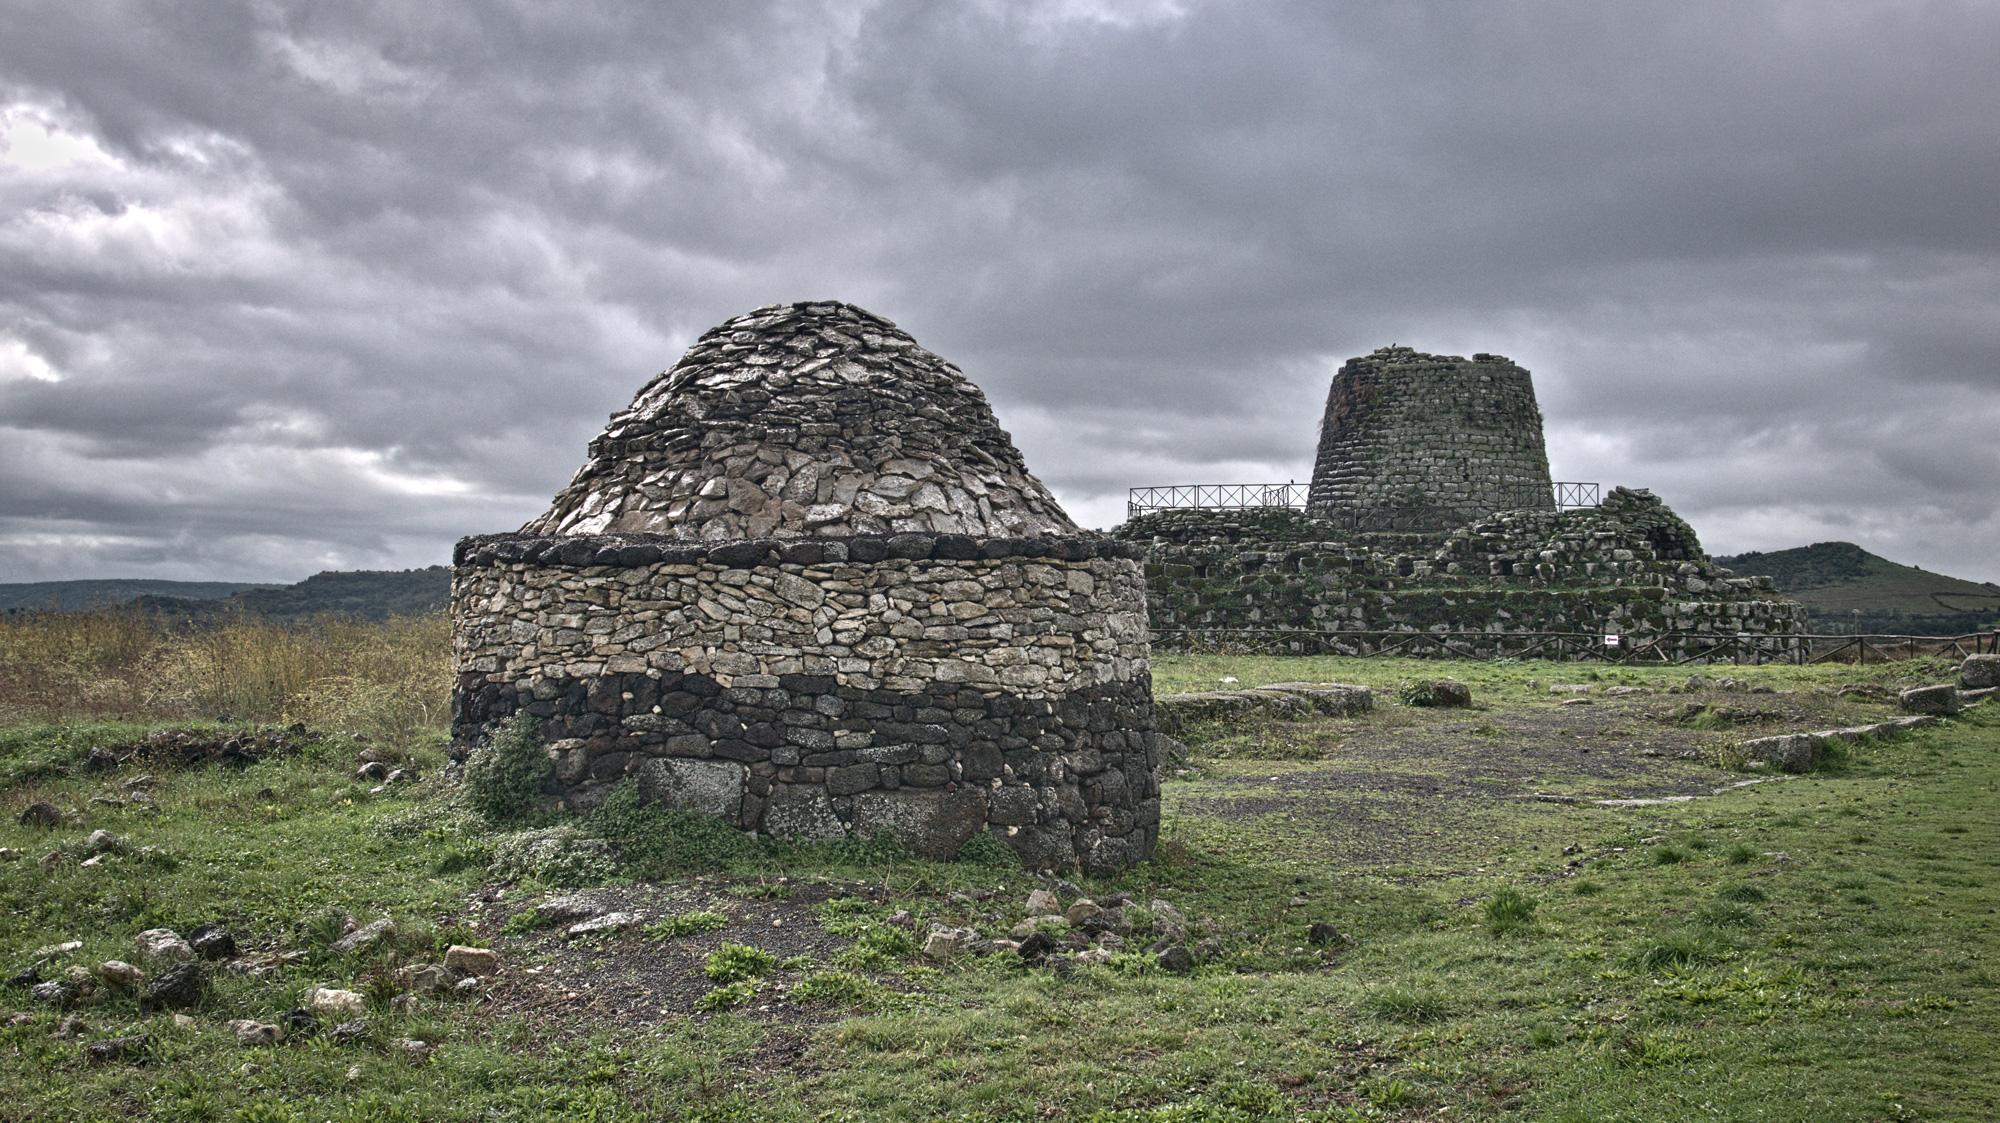 Die Nuraghe Santu Antine ist bei bedecktem Himmel noch imposanter.